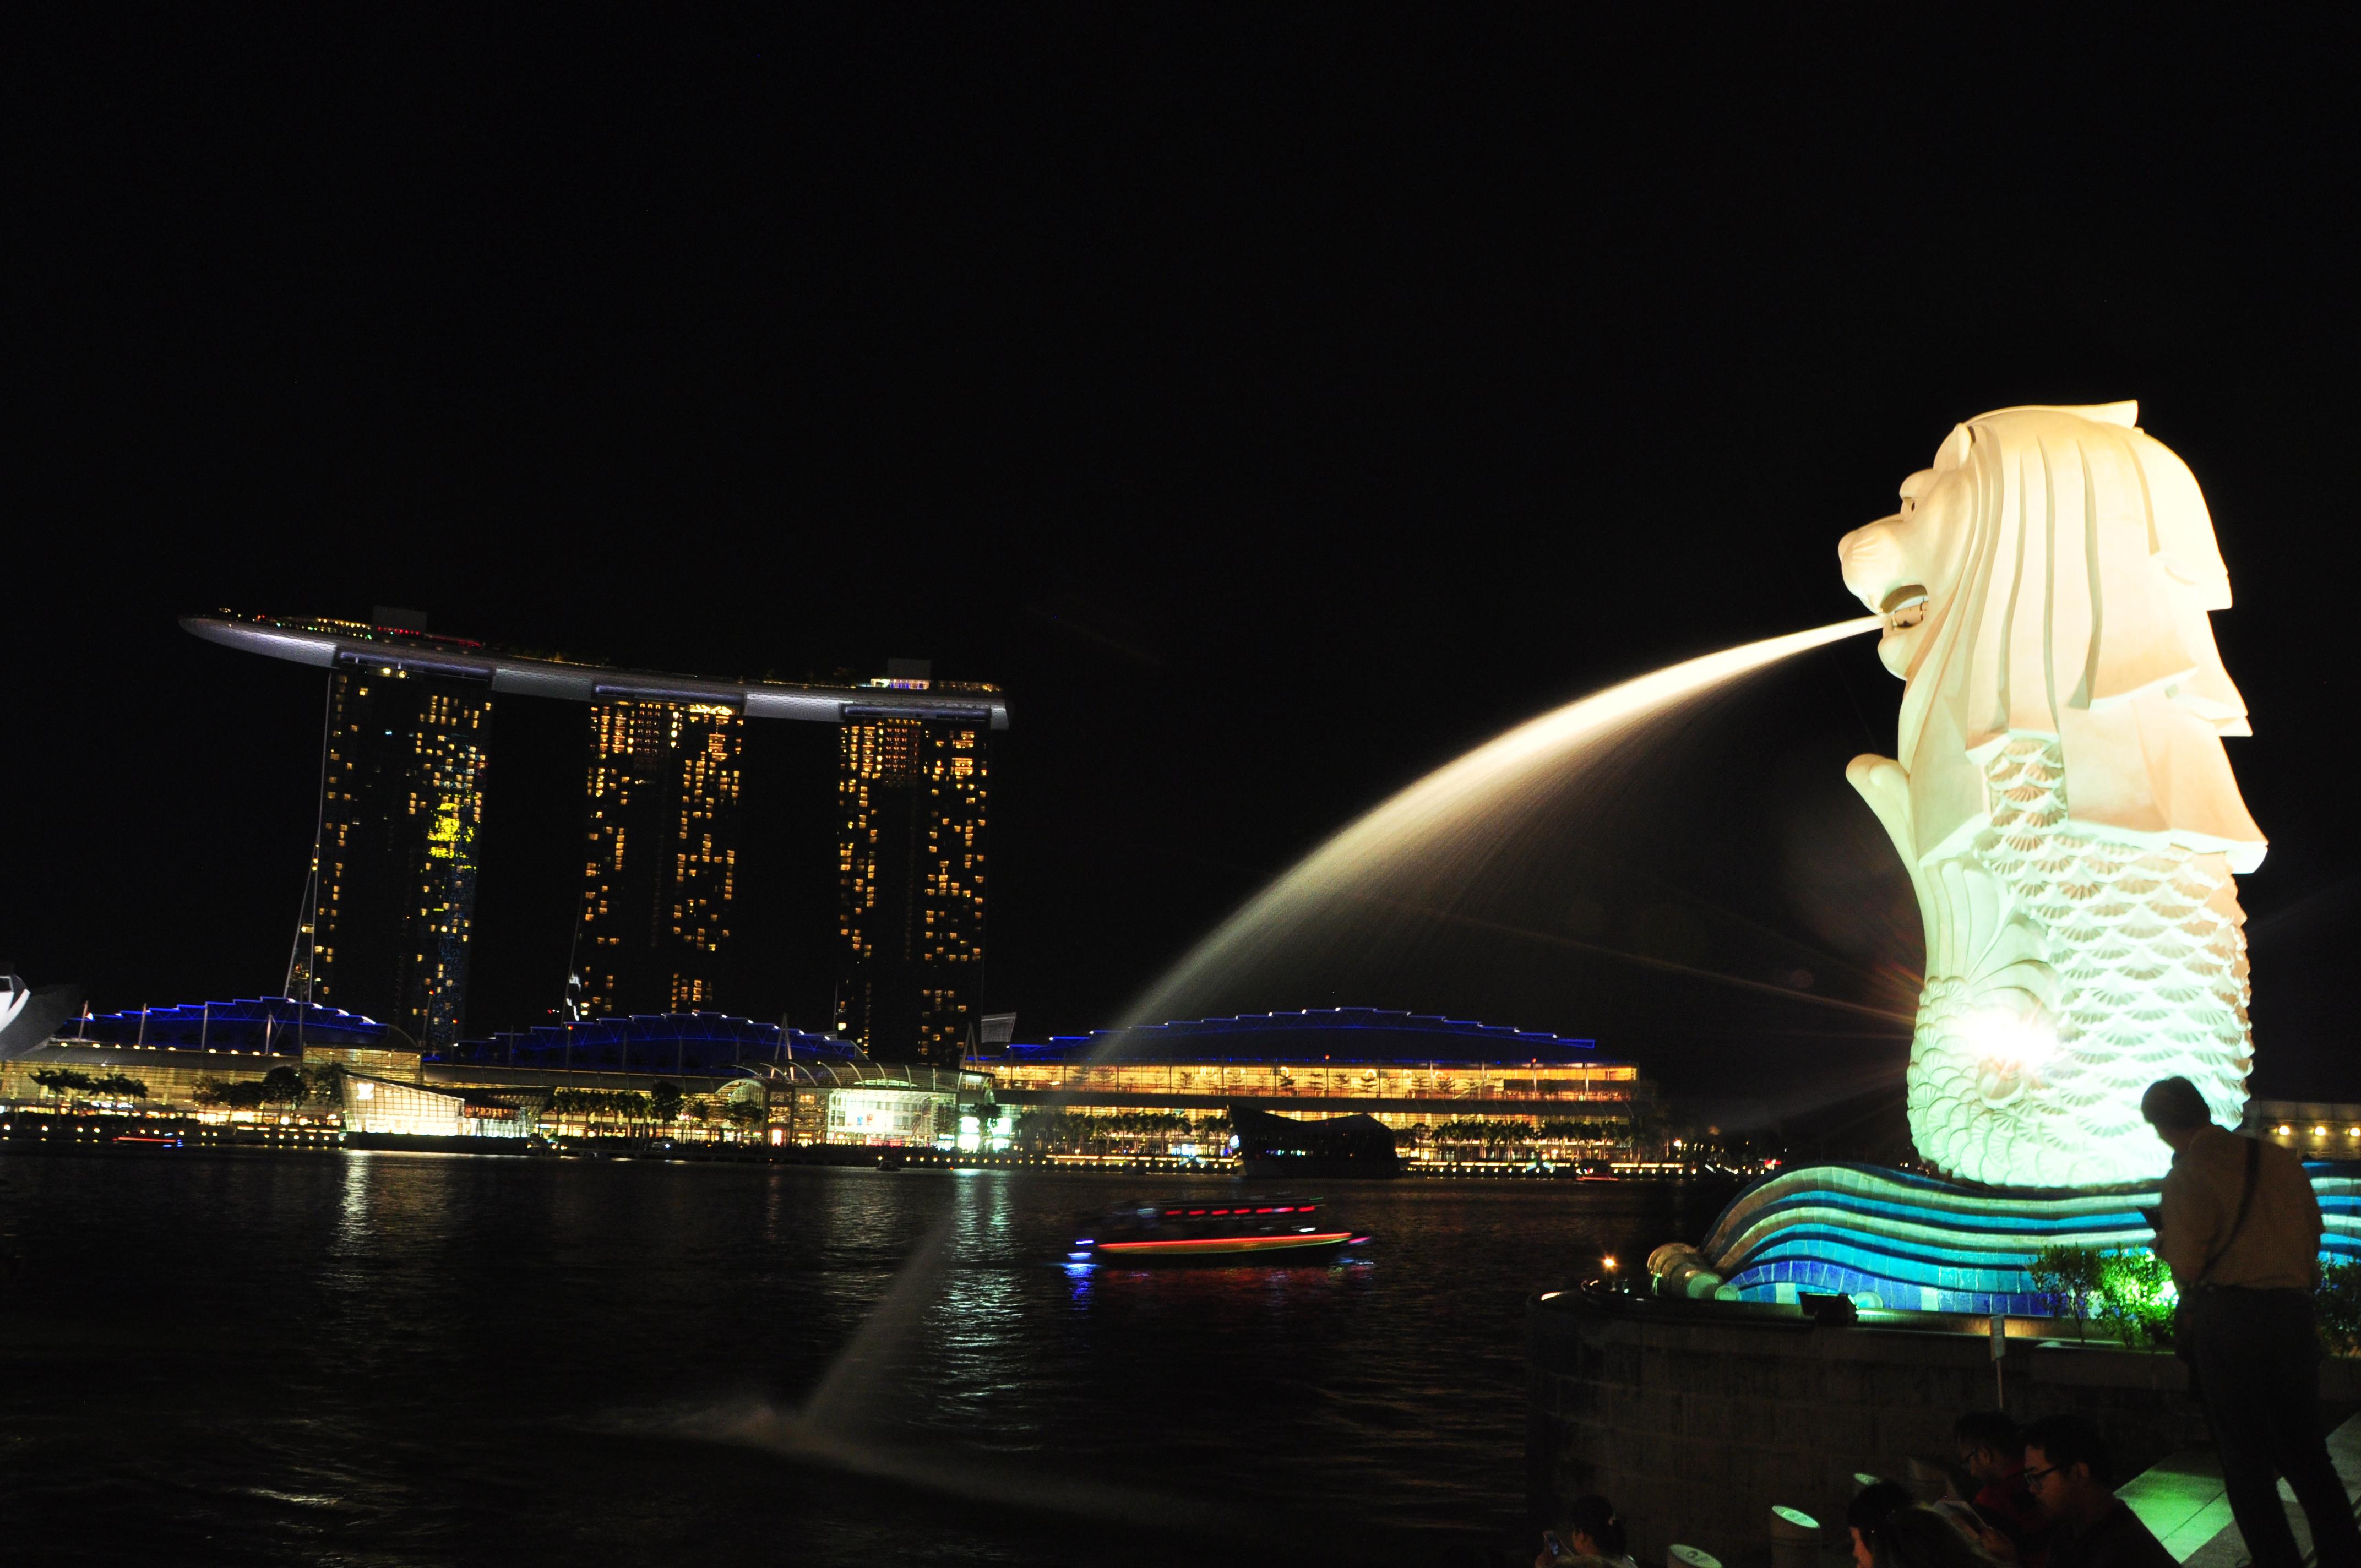 看到这个喷水的鱼尾狮雕塑,我们记忆中对新加坡的才被突然唤起,十一年前的春季我们曾参团到新加坡马来西亚旅游,当时在新加坡停留时间不多,留下印象的好像也就是眼前的鱼尾狮雕塑和圣淘沙岛上的水幕电影。在这里可以更全面看到临海修建的现代建筑滨海艺术中心,巨大的圆顶建筑宛如榴莲的外形表面在这里看起来就格外醒目。作为新加坡面积最小的公园,这个著名的鱼尾狮雕塑就坐落于新加坡河的入海口河畔,这个矗立于浪尖的狮头鱼身像是新加坡的标志和象征。据说鱼尾狮的由来是,古代苏门答腊的一位王子曾在当地看到一只灵兽,很像狮子,于是他便把小